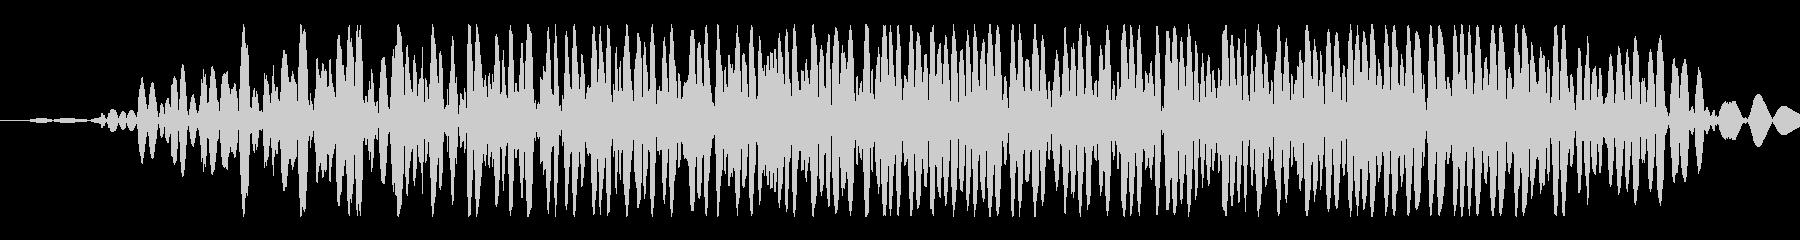 大きなクリーチャー:短い低うなり声の未再生の波形